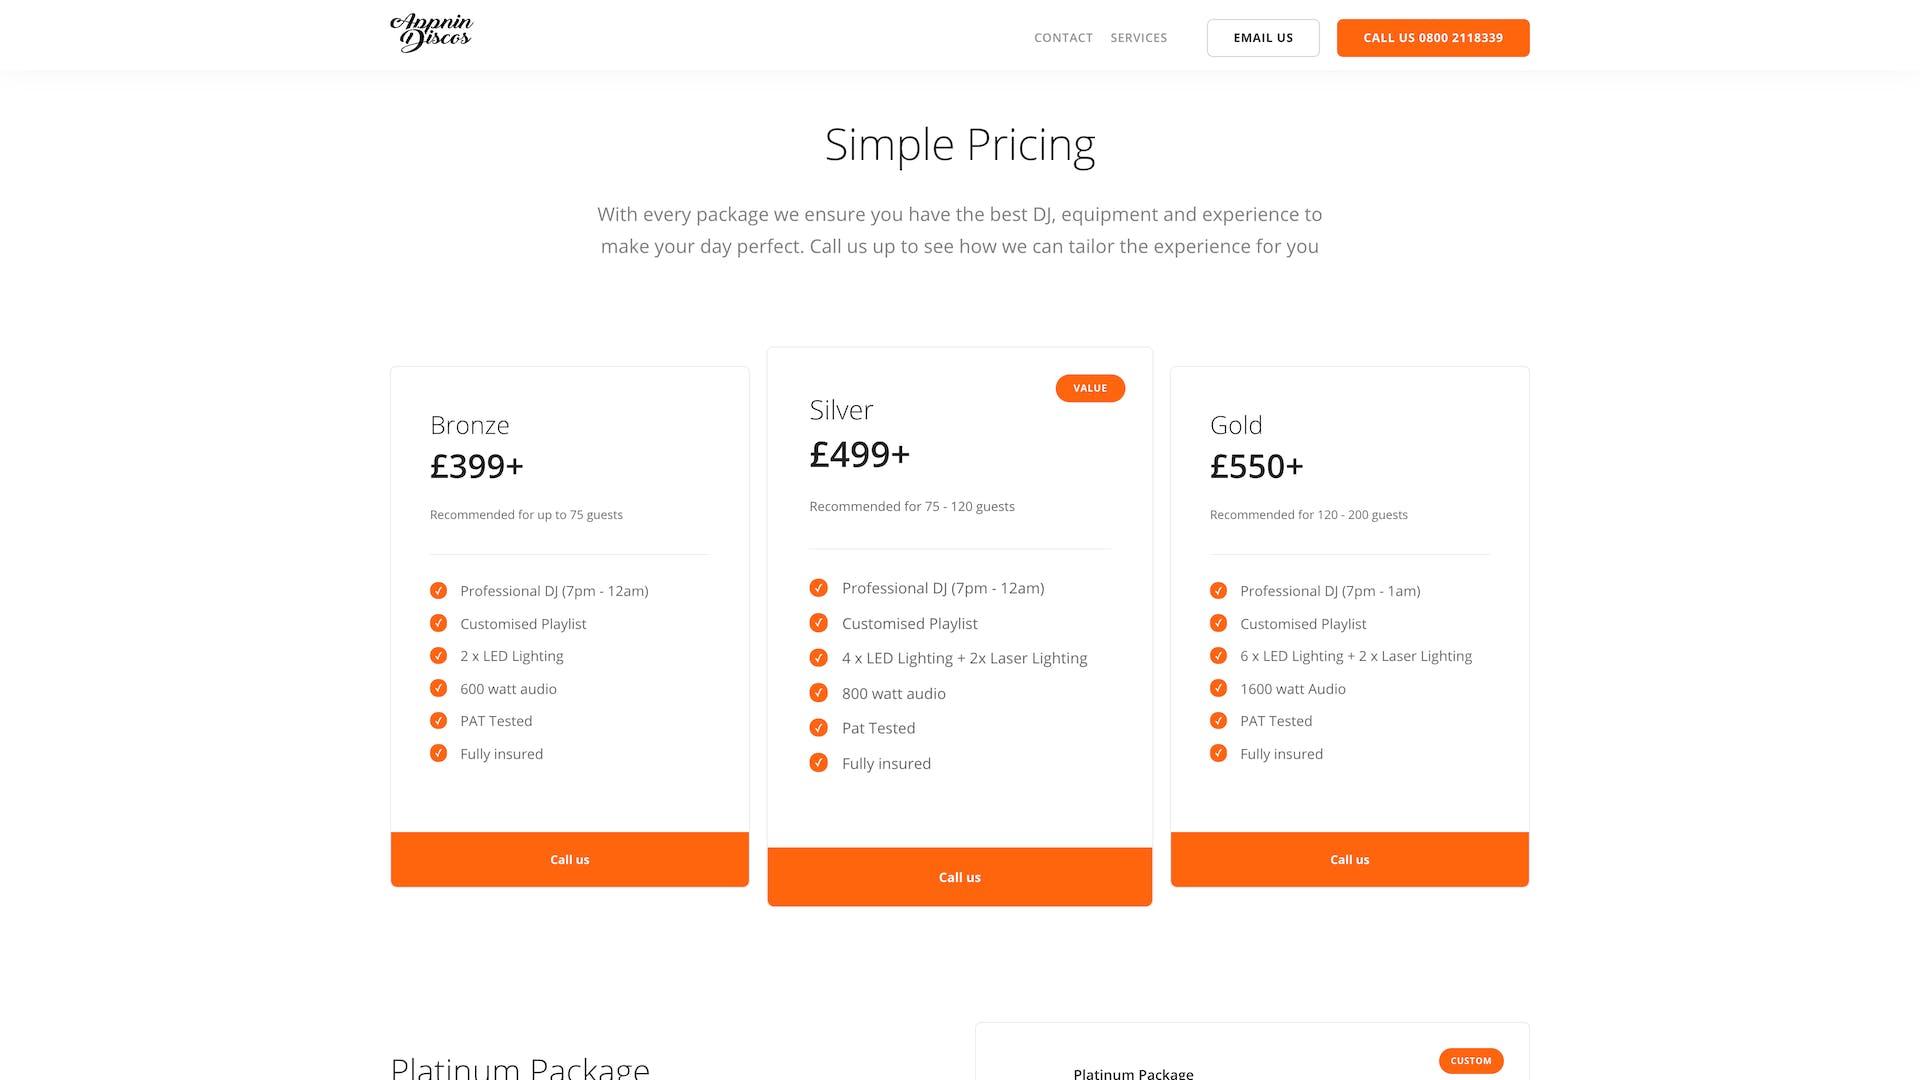 Appnin Co Prices for DJ